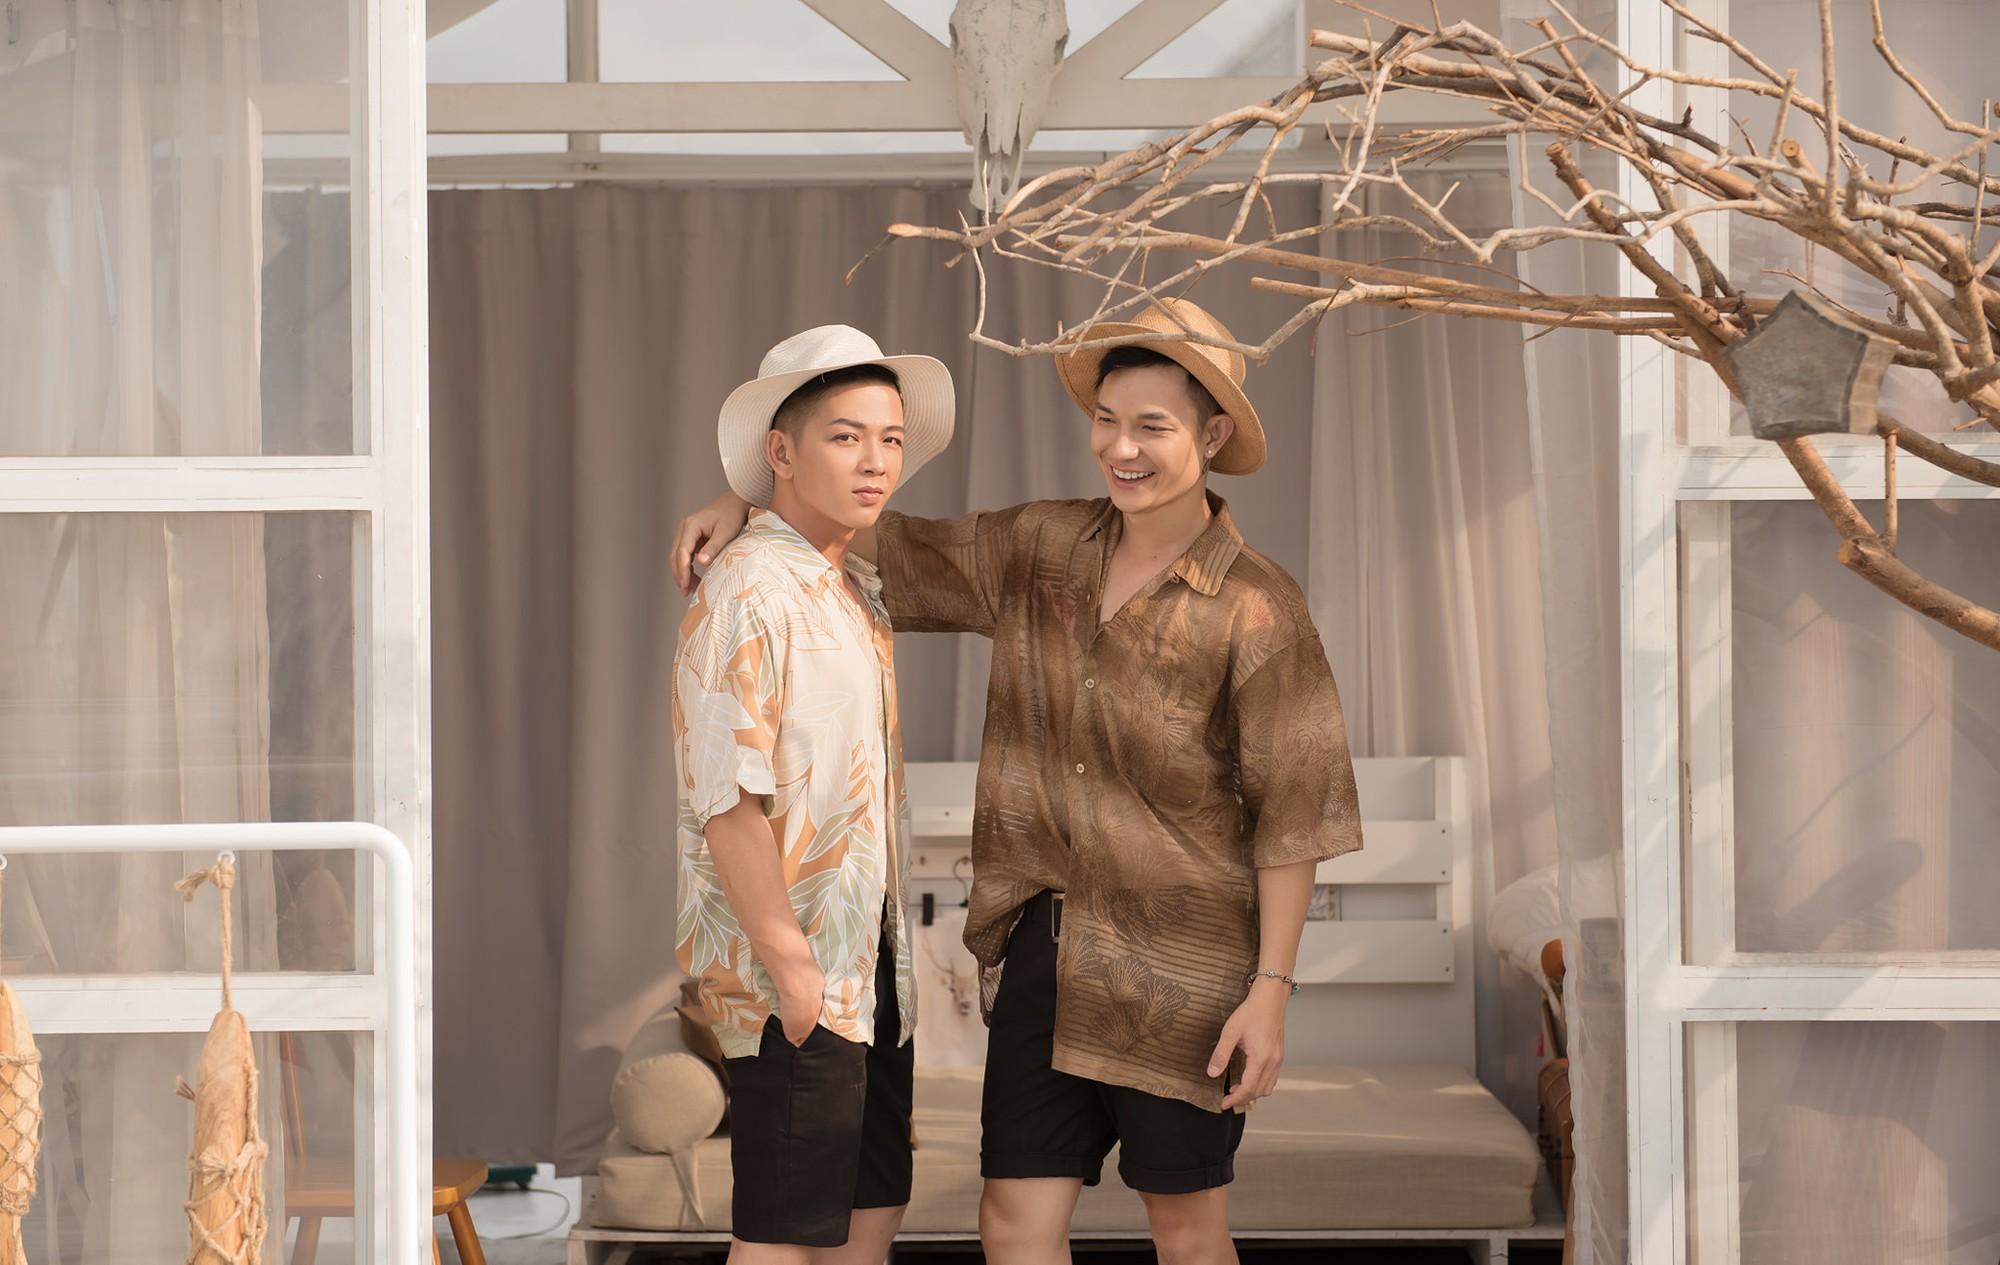 Ngắm nhìn những bức ảnh đẹp của cặp đôi LGBT Sơn Tùng và Đức Hiền của Người ấy là ai tập 8  - Ảnh 3.